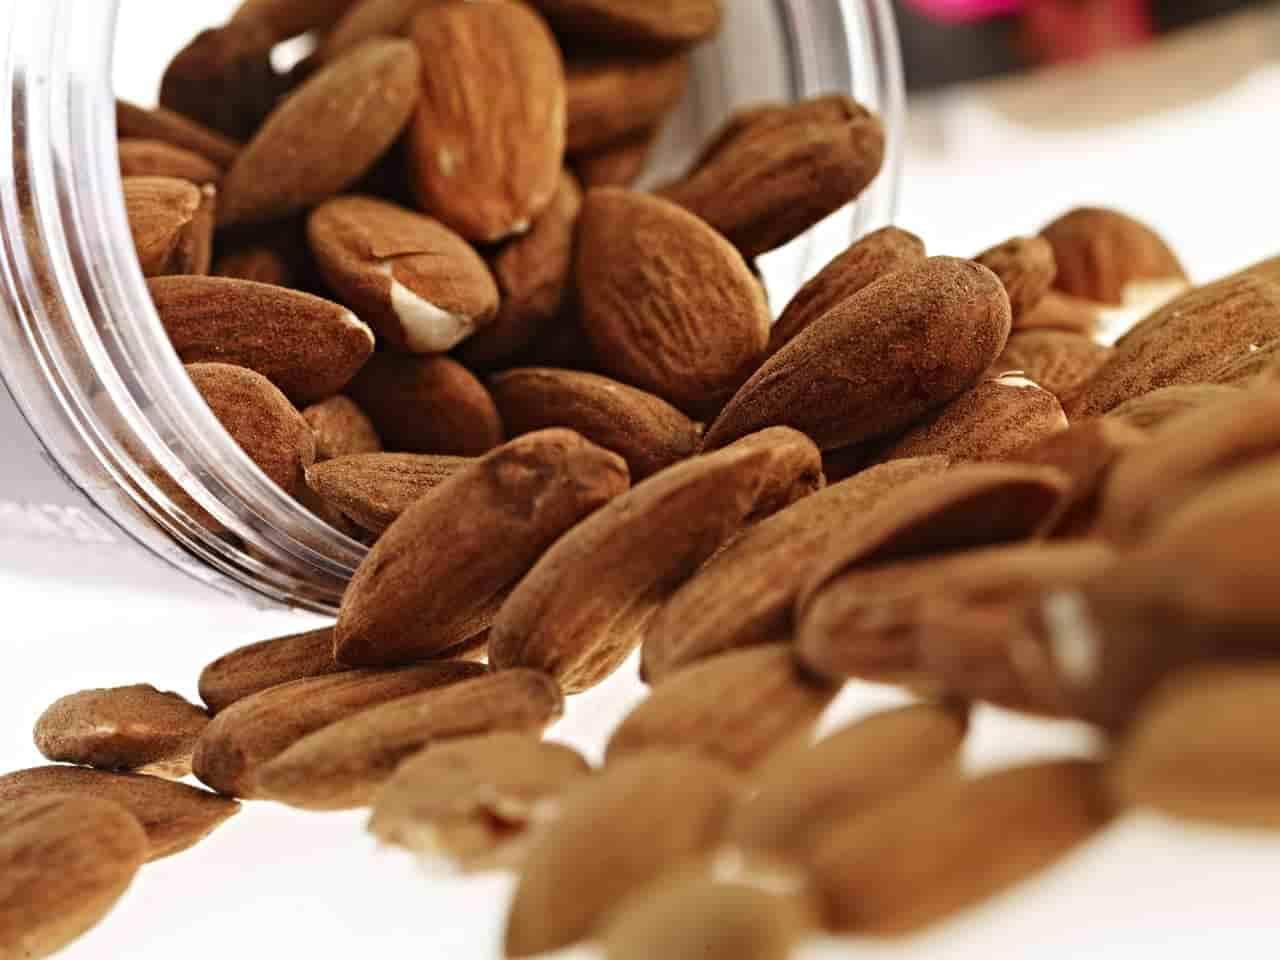 No todas las grasas son malas para nosotros. El Omega 3 es sano y también delicioso, como lo muestran las almendras, ricas en el.